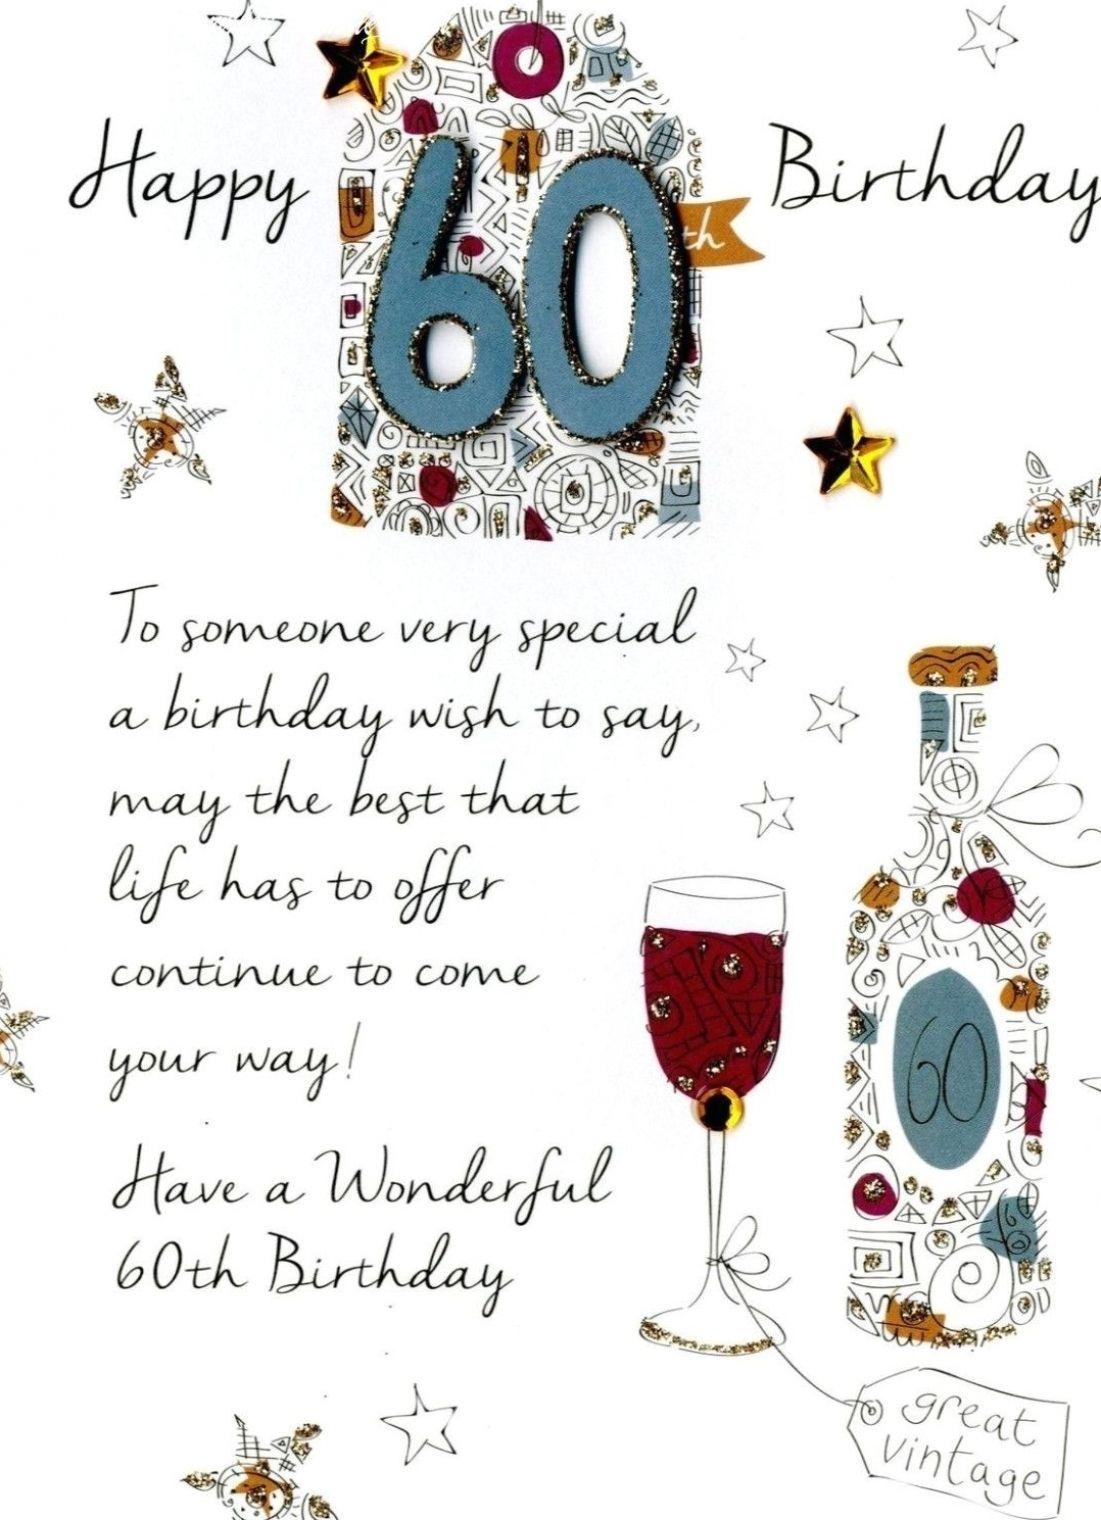 Printable Birthday Card Funny Printable Birthday Card Downloadable Birthday Card Digital Birthday Card Instant Download 60th Birthday Quotes 60th Birthday Cards 60th Birthday Greetings